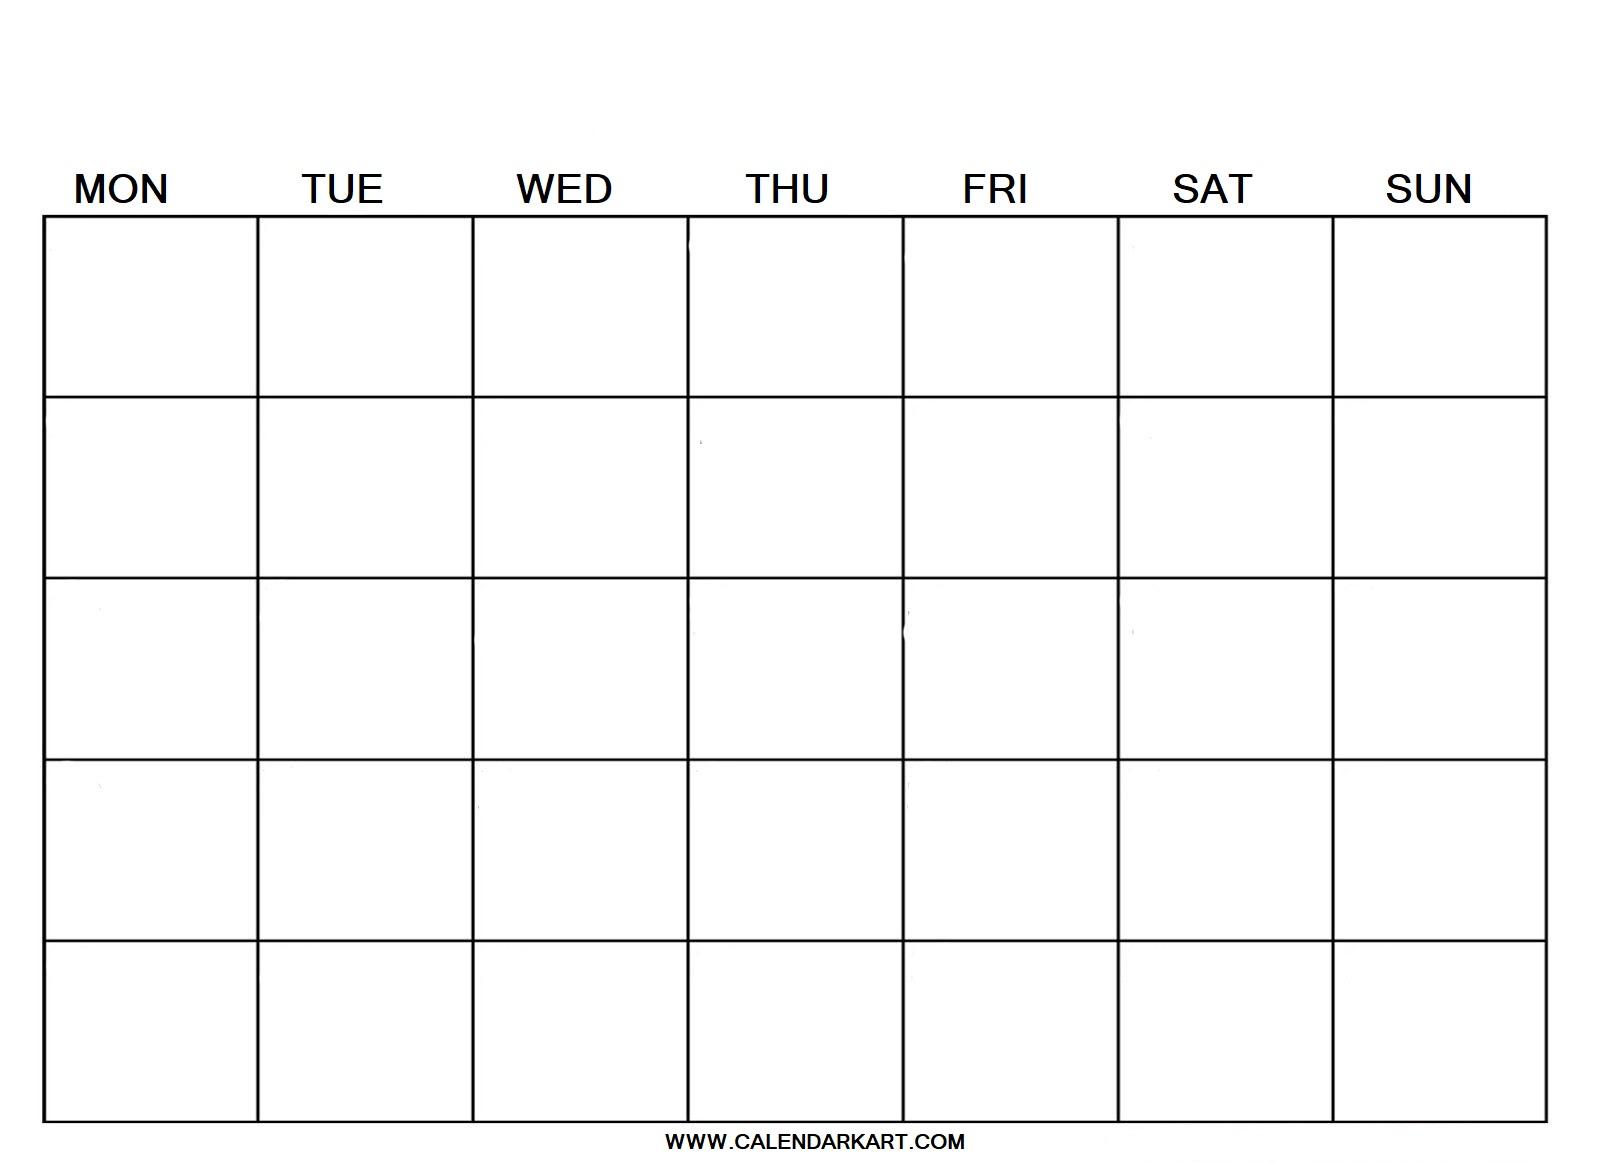 Calendar Blank Template from www.calendarkart.com